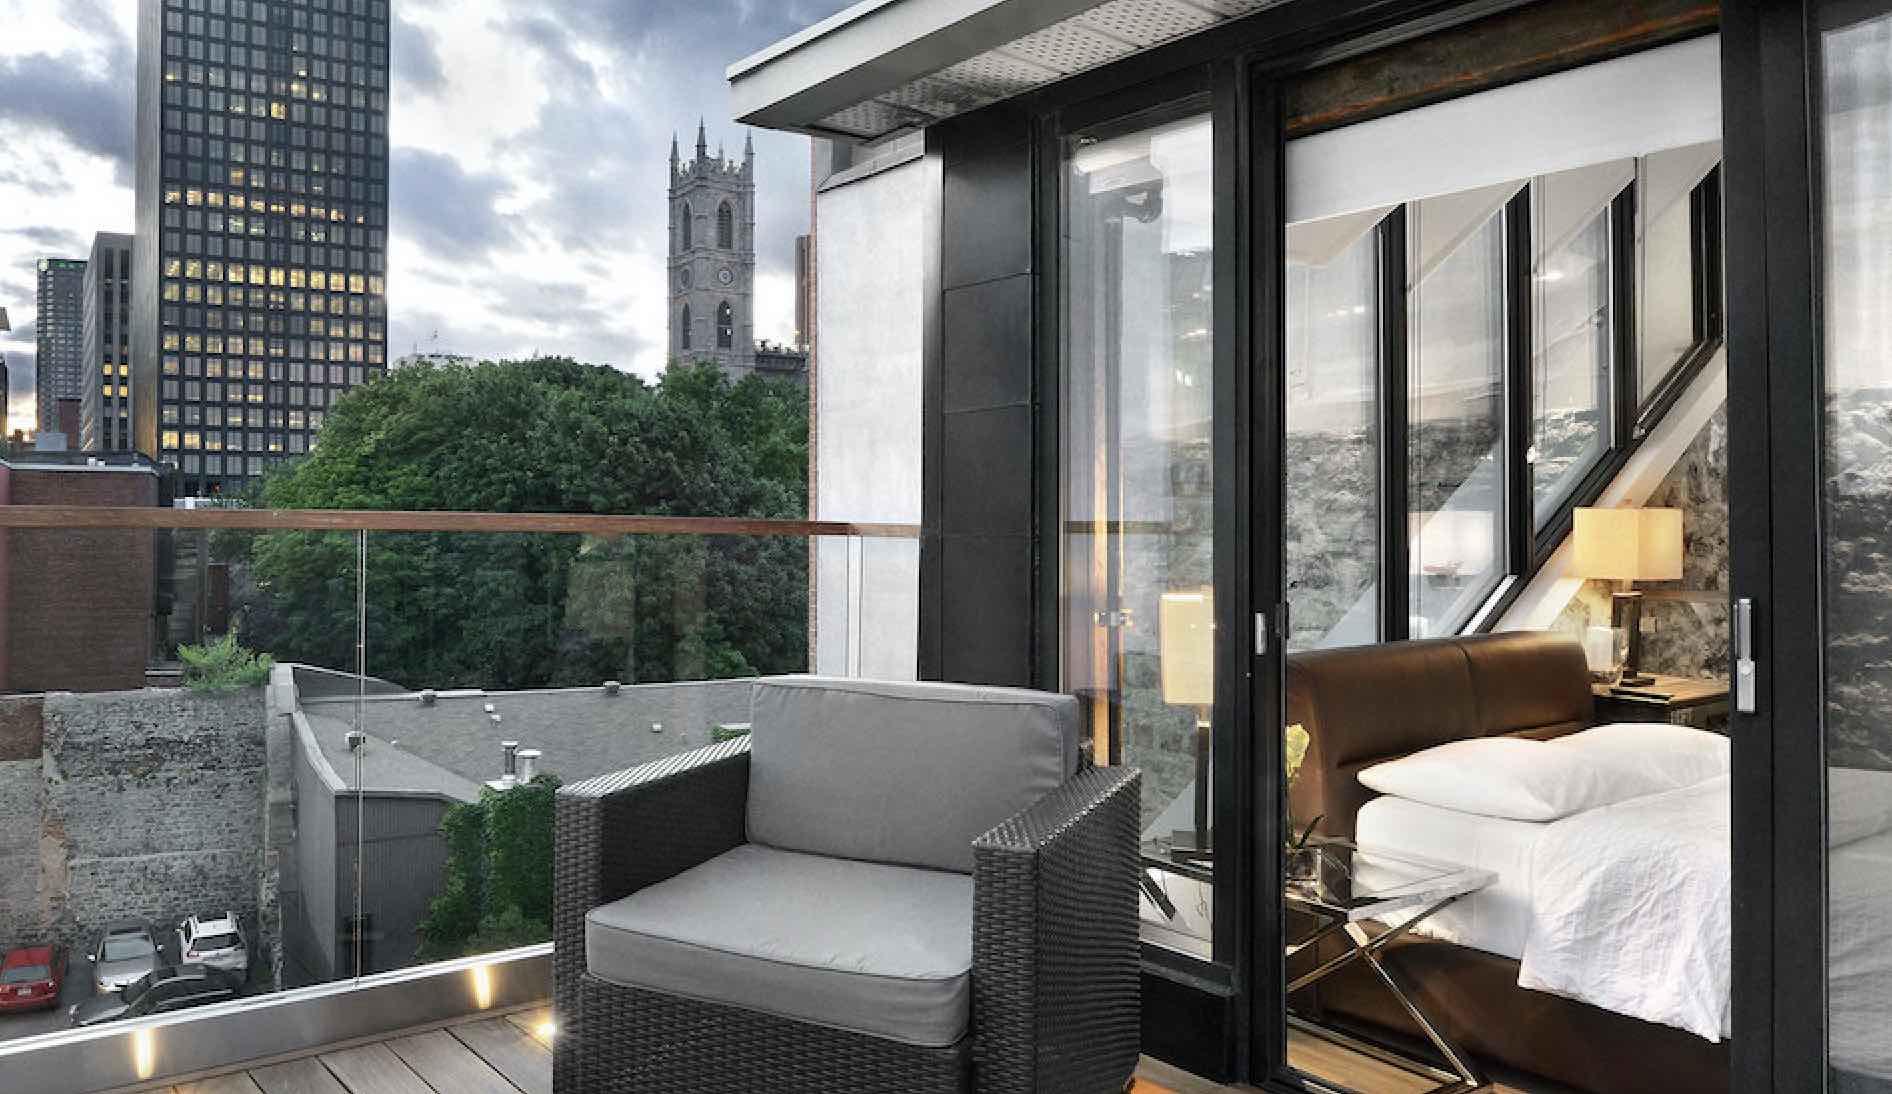 Hôtel Épik Montréal boutique hotels in Montreal terrace with views over city